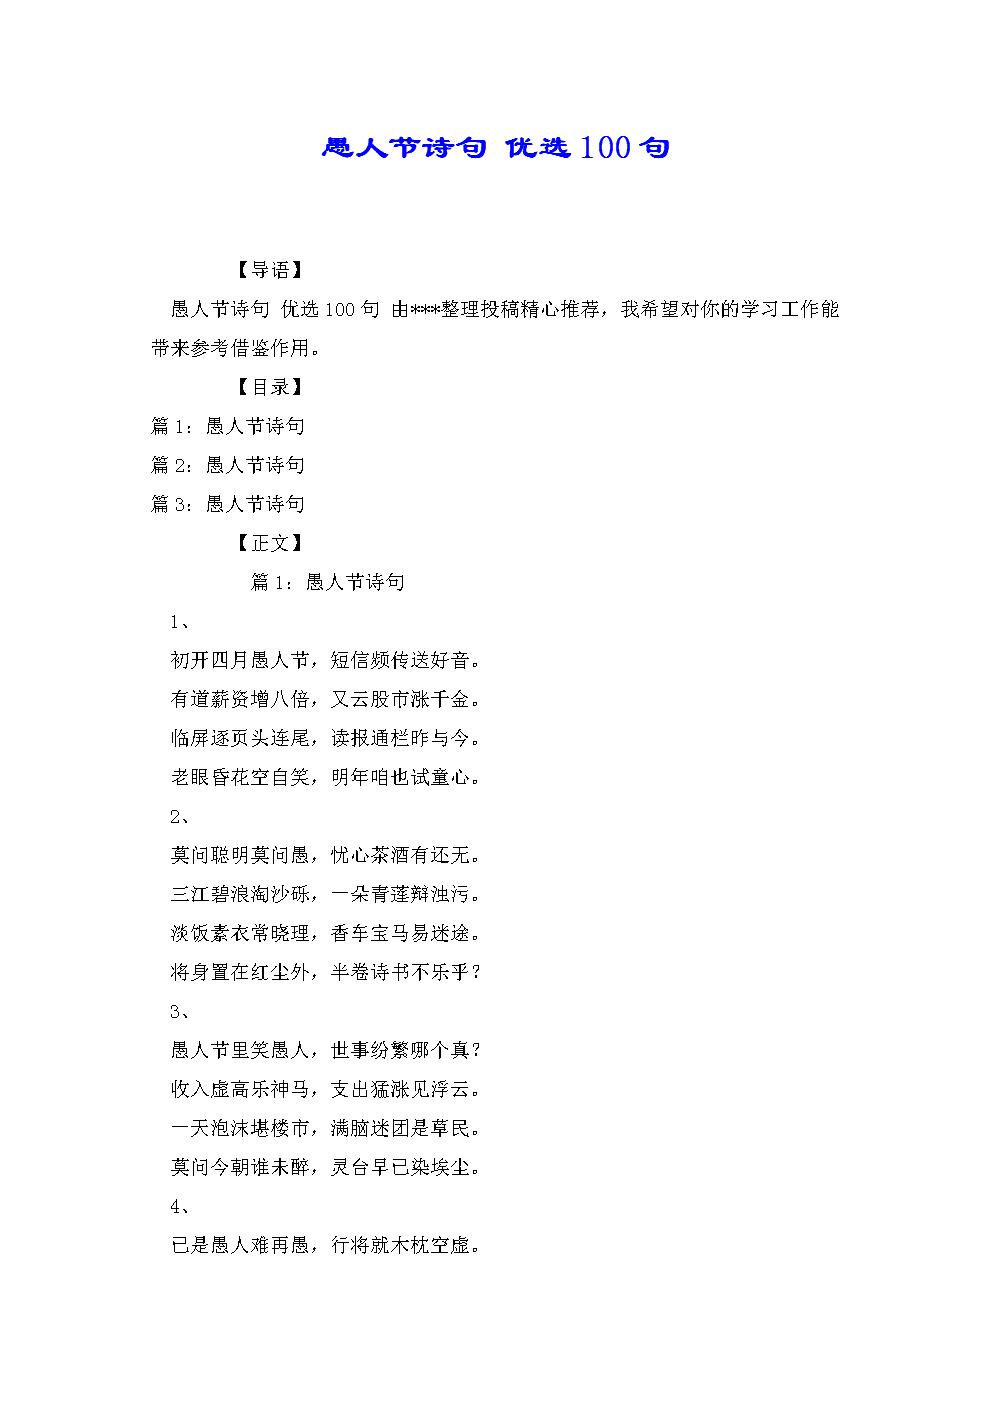 愚人節詩句 優選100句.docx